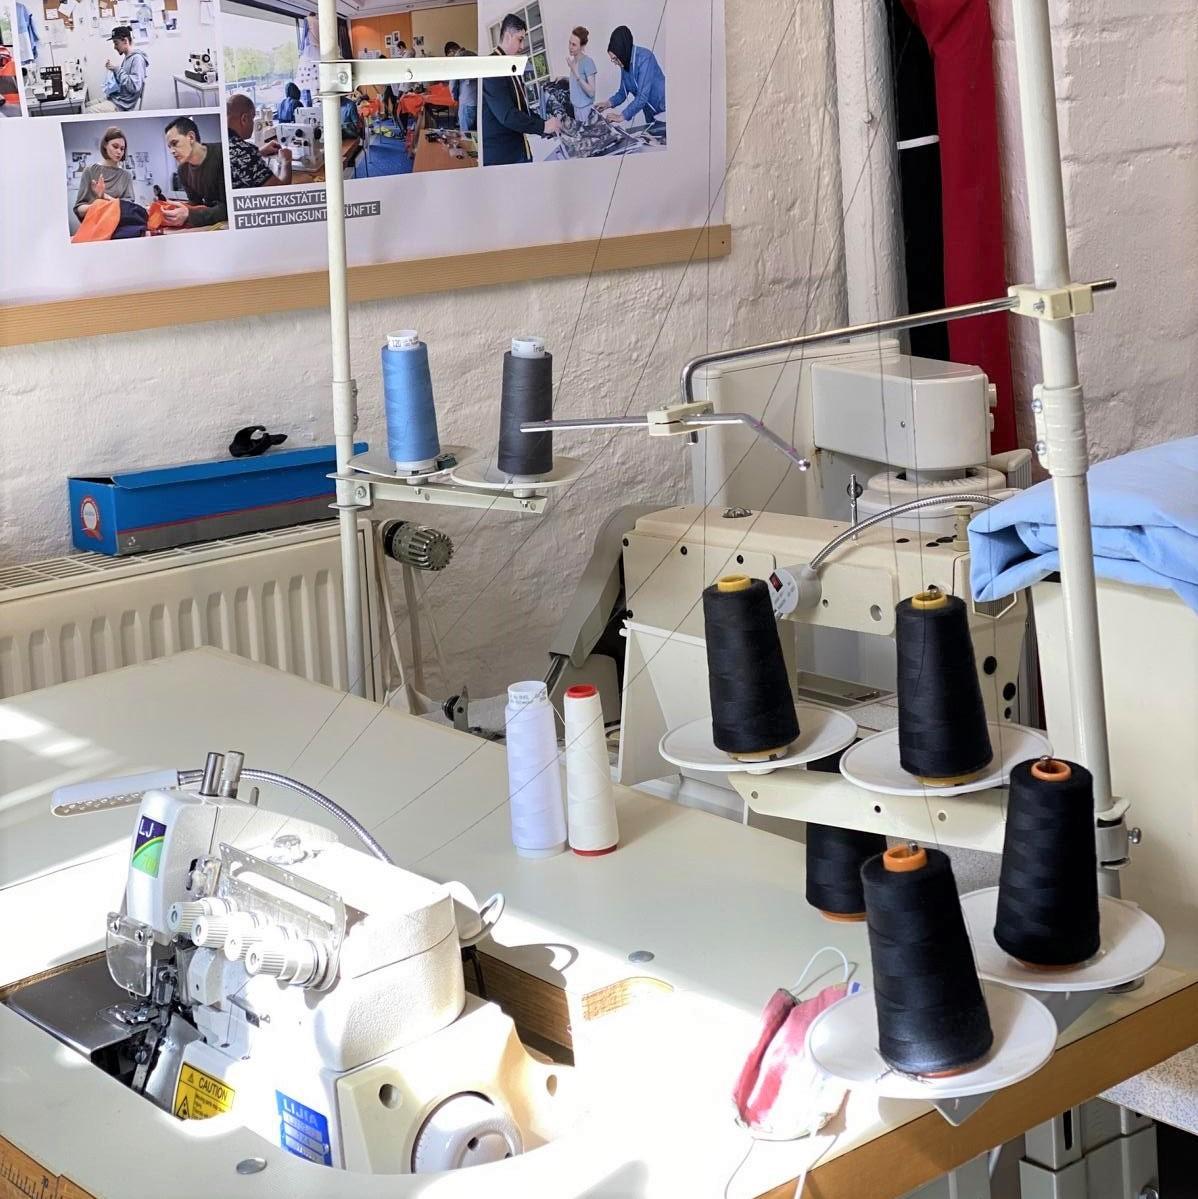 style hannover unter einem dach 19 - Unter einem Dach - Projekt mit Entwicklung